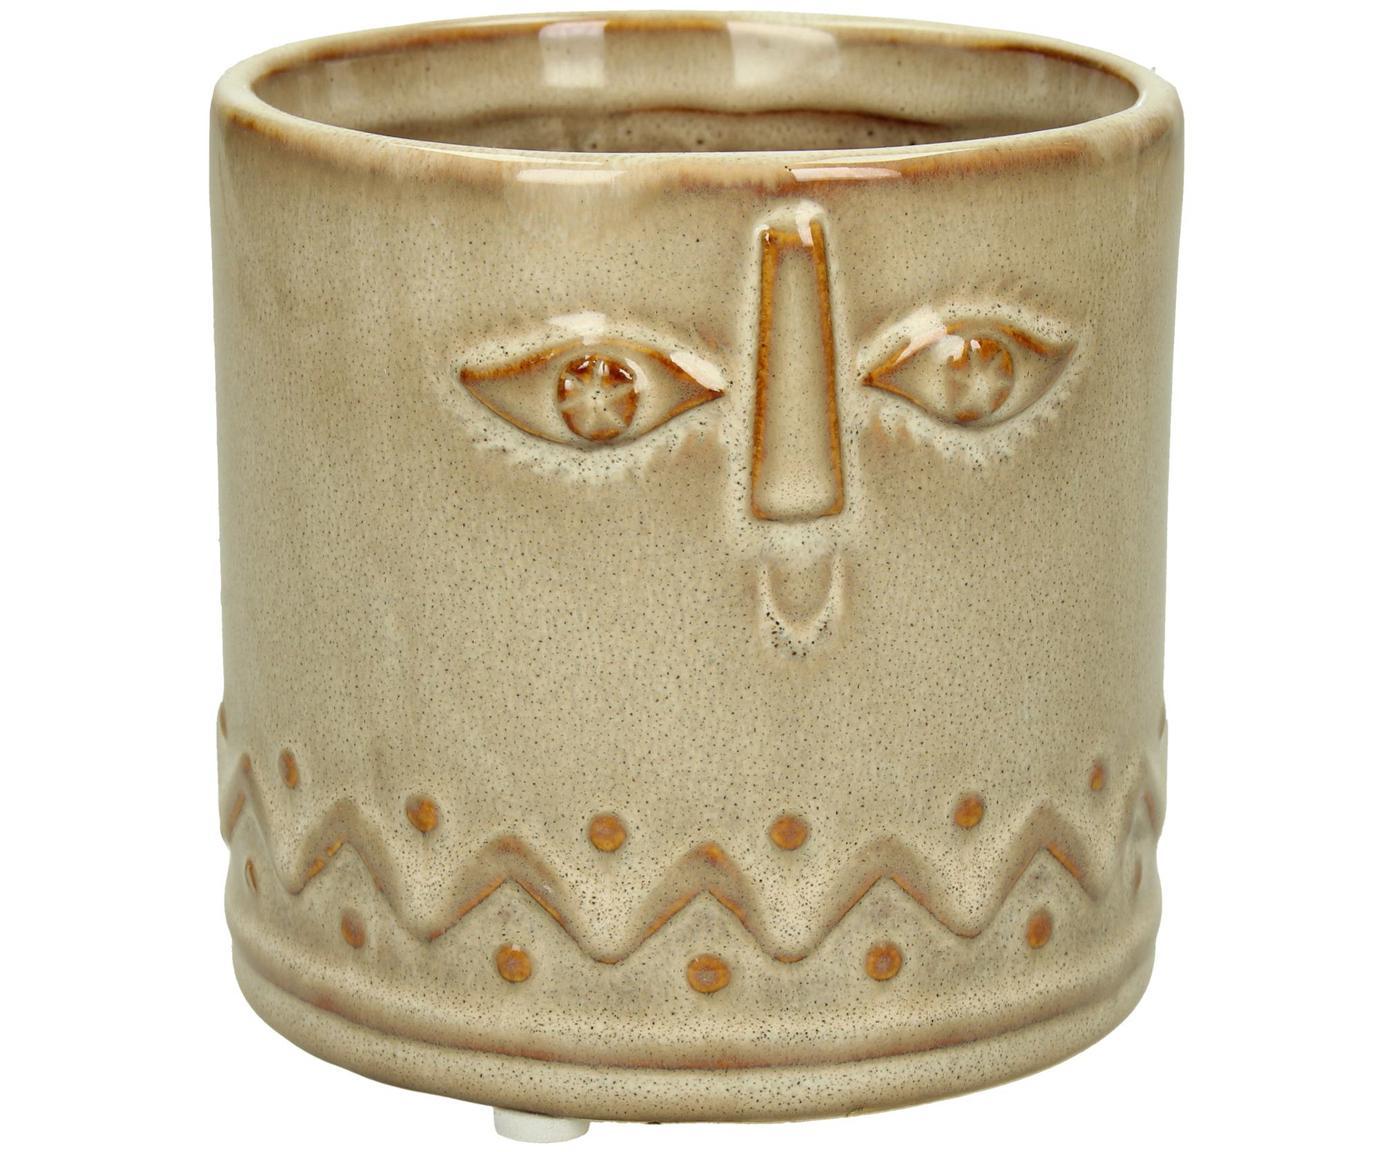 Osłonka na doniczkę Sandy, Ceramika, Brązowy, Ø 12 x W 11 cm